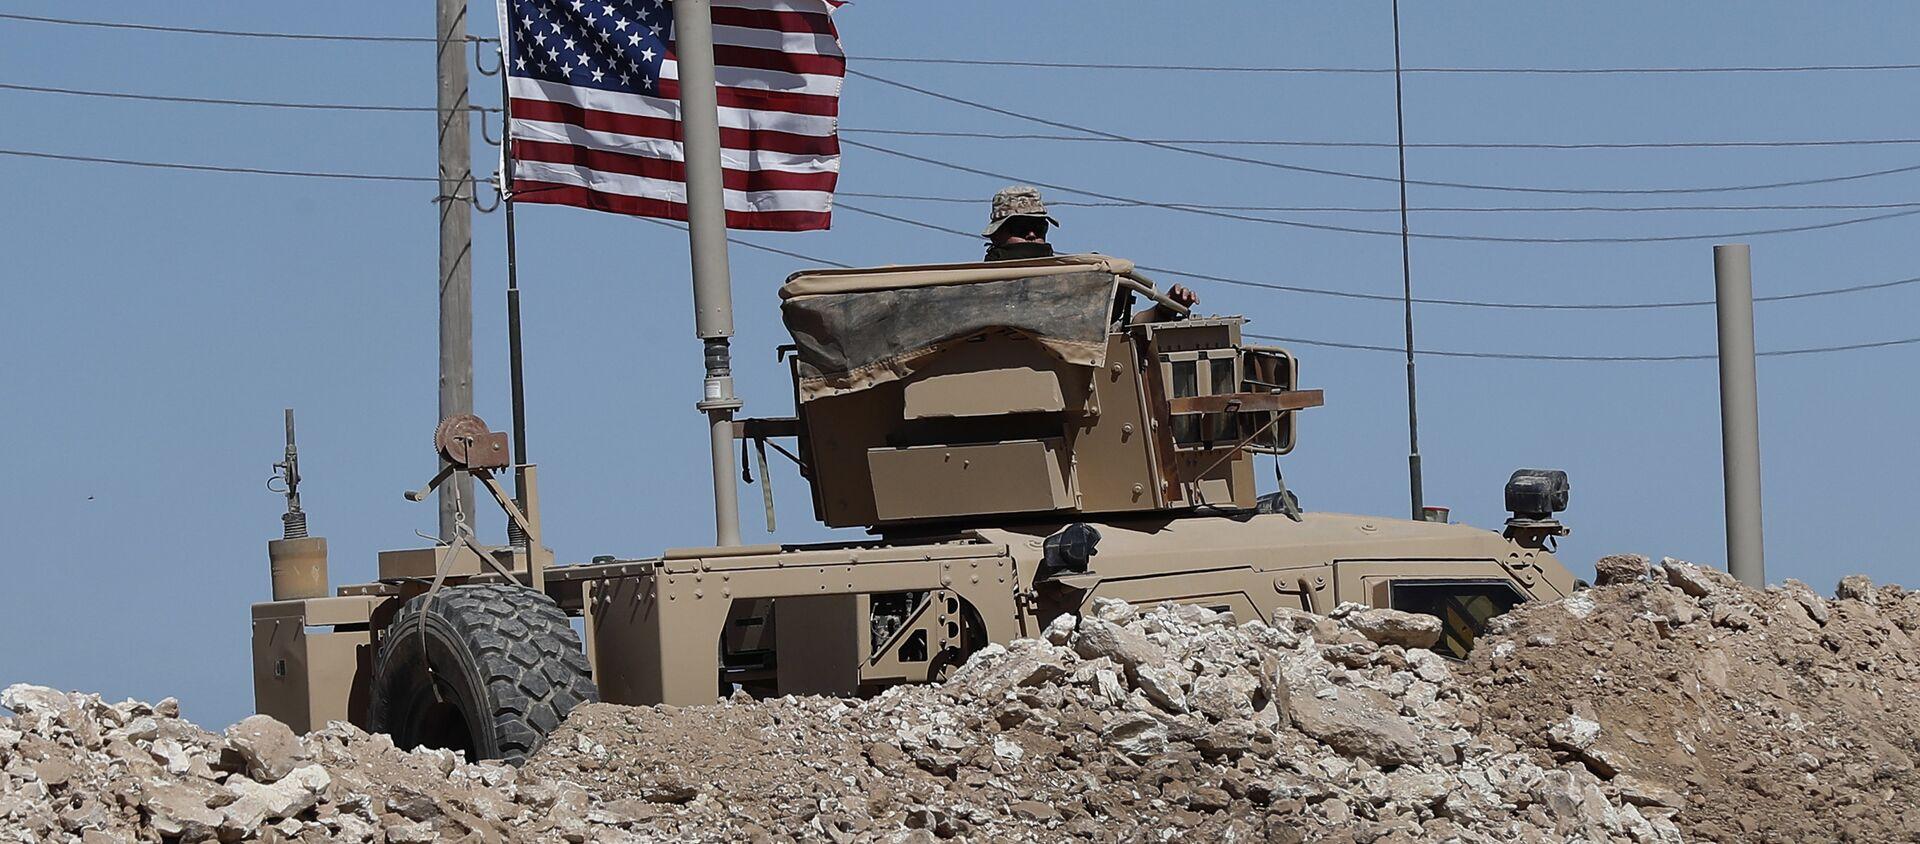 Un soldat américain est assis sur un véhicule blindé derrière une barrière de sable à une position nouvellement installée près de la ligne de front tendue entre le Conseil militaire syrien de Manbij soutenu par les États-Unis et les combattants soutenus par la Turquie, à Manbij, dans le nord de la Syrie, le mercredi 4 avril 2018 - Sputnik France, 1920, 11.02.2021